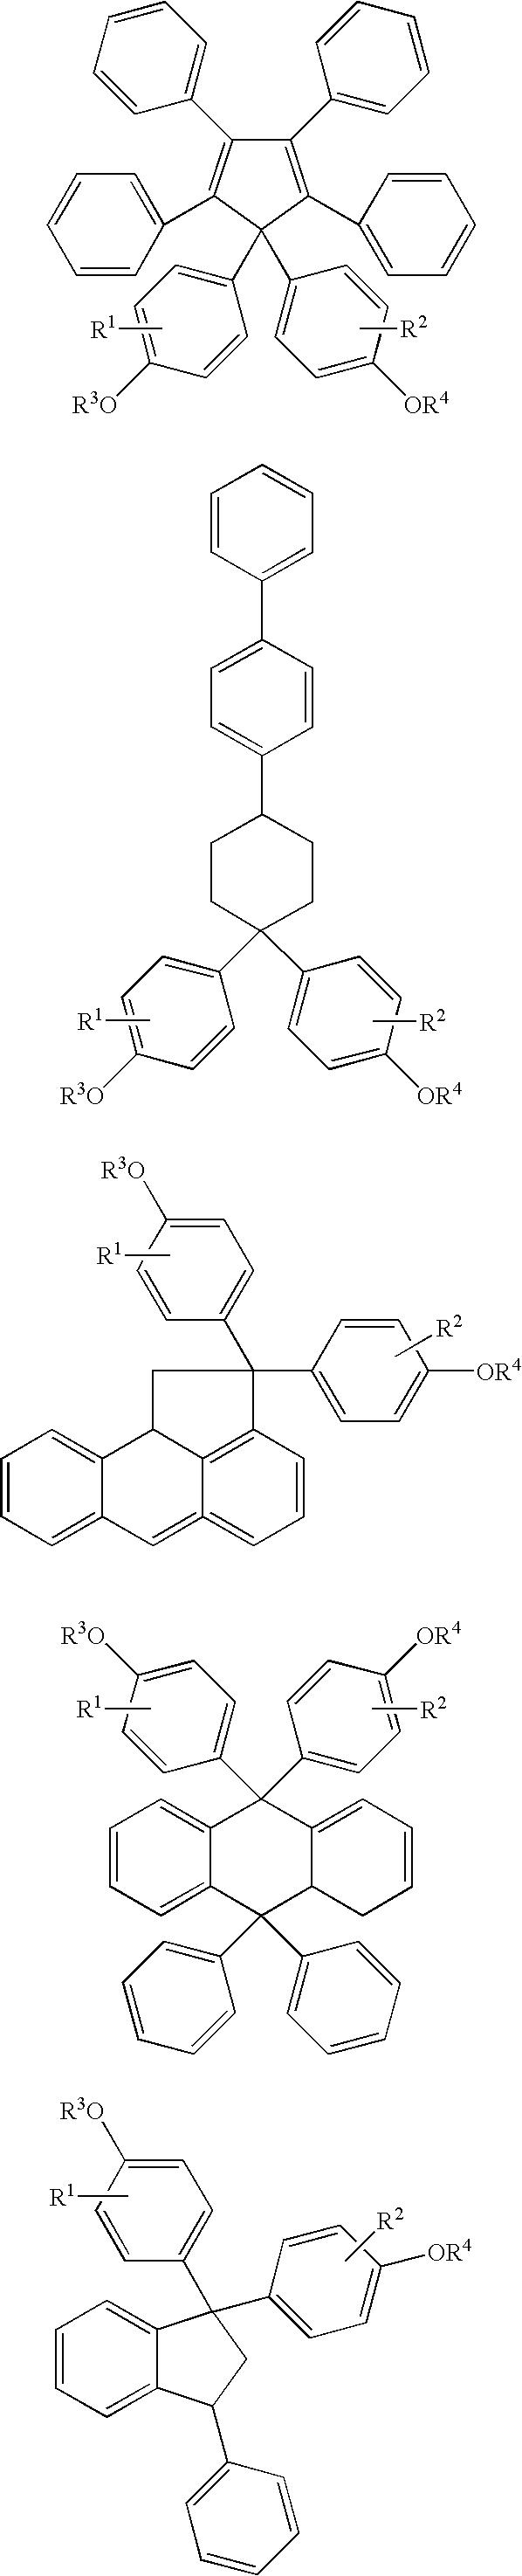 Figure US07358025-20080415-C00009